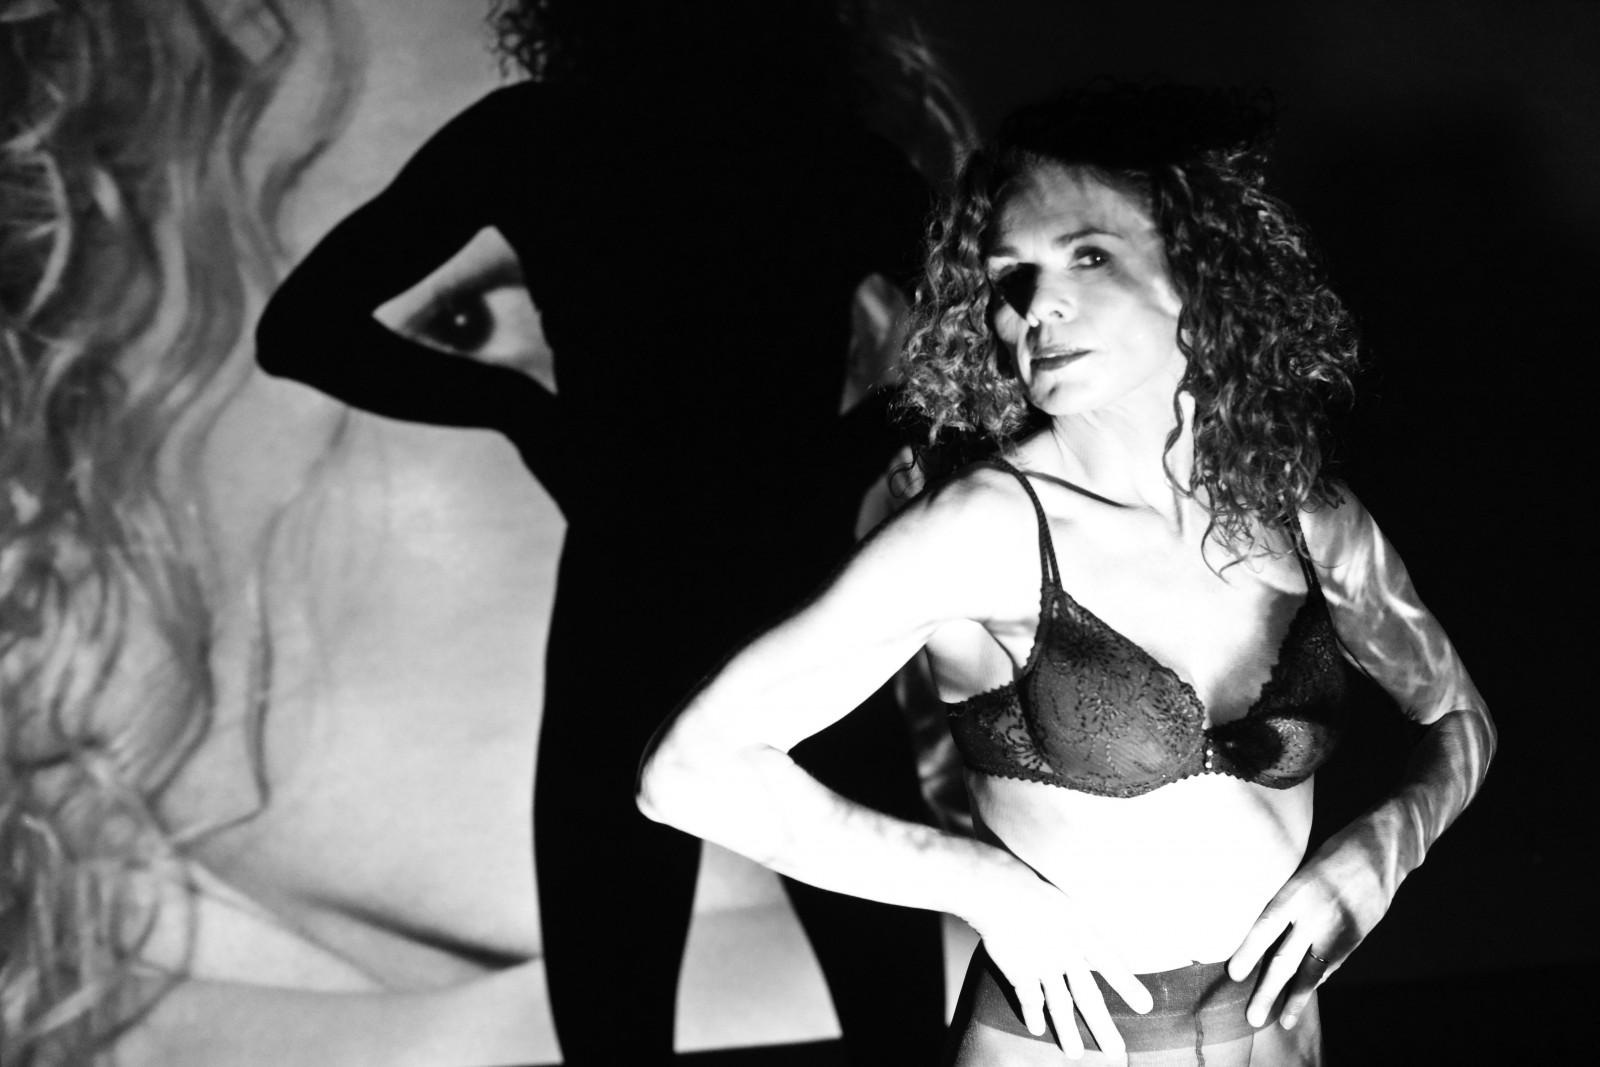 Aprende sobre las composiciones en fotografía señora con sombras por Jos Joosten